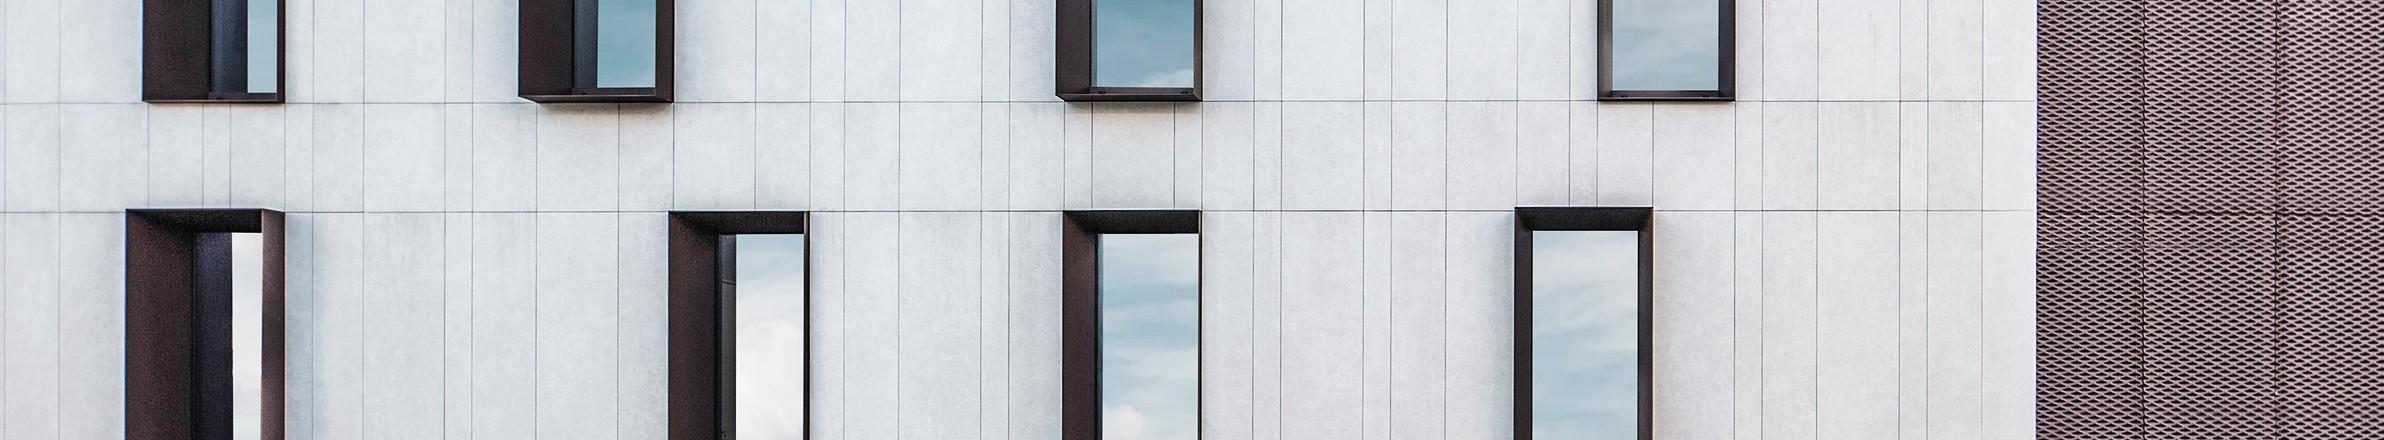 Offerte Lavoro Architetto Treviso gherardi architetti | linkedin